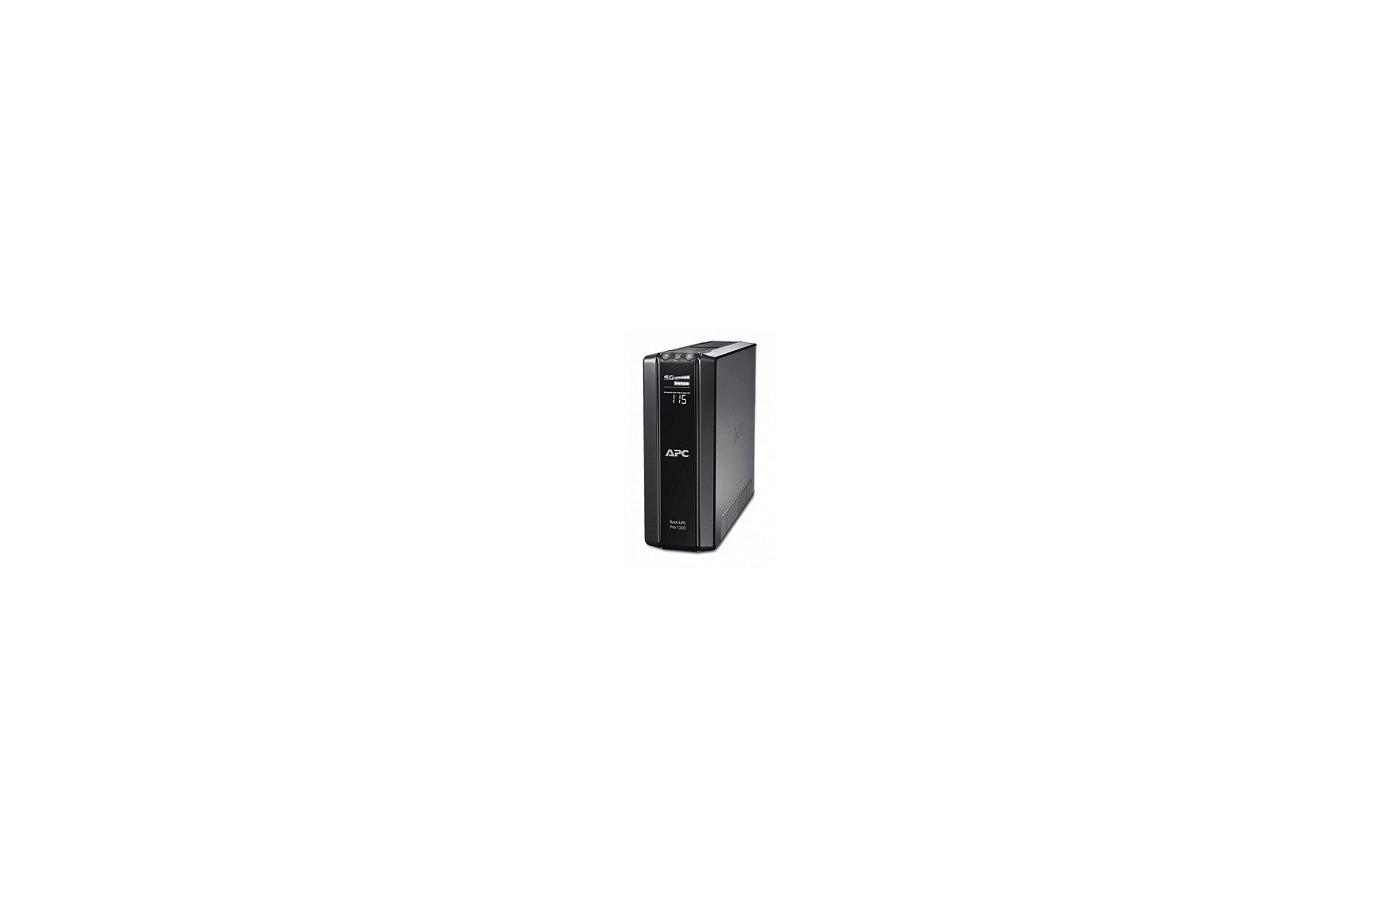 Блок питания APC Back-UPS Pro 1500 BR1500GI 230V